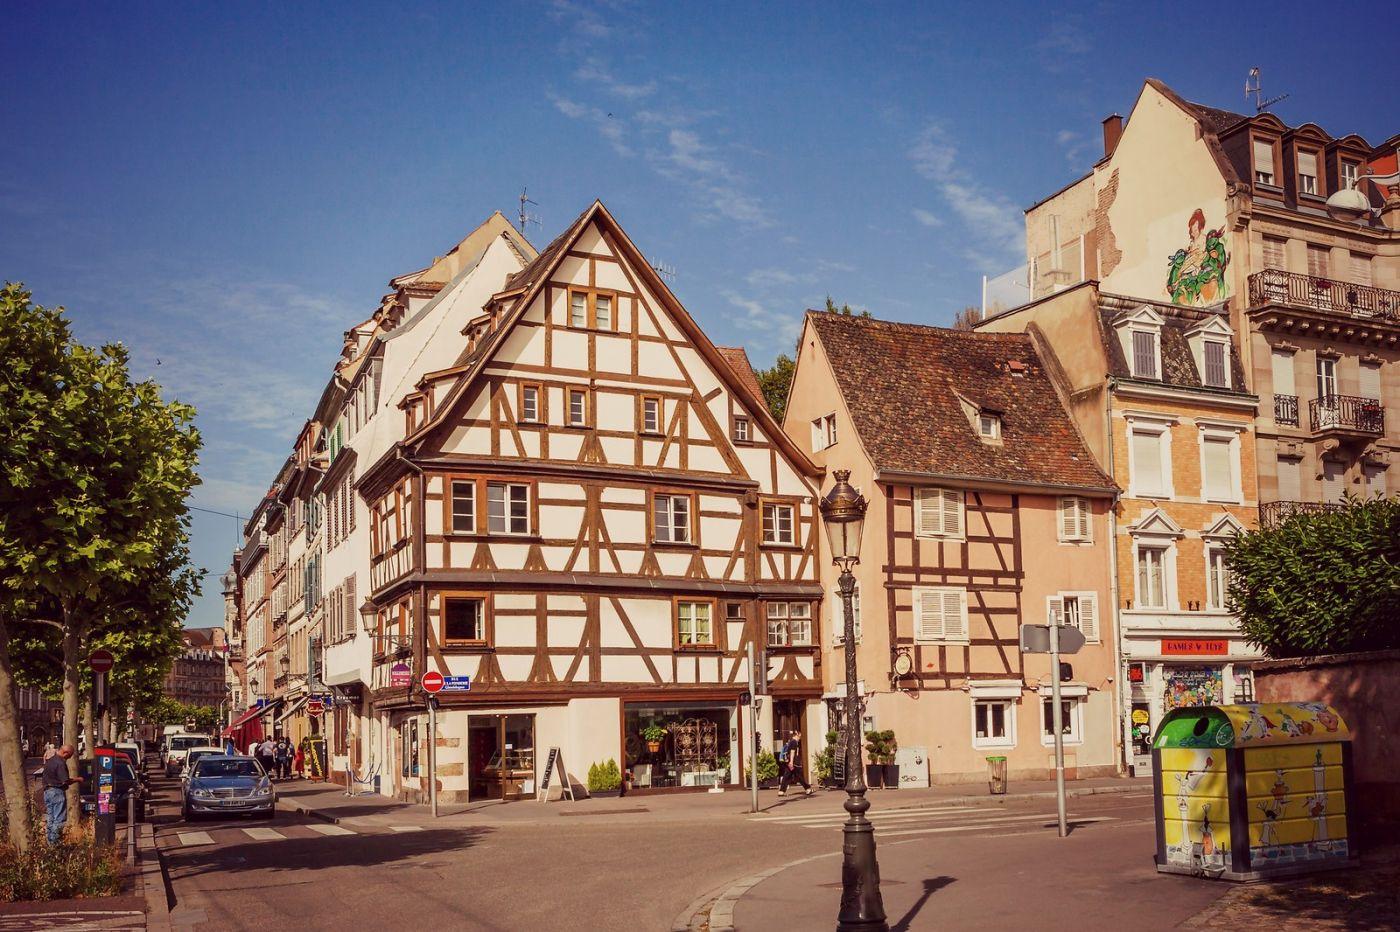 法国斯特拉斯堡(Strasbourg),边走边拍_图1-18